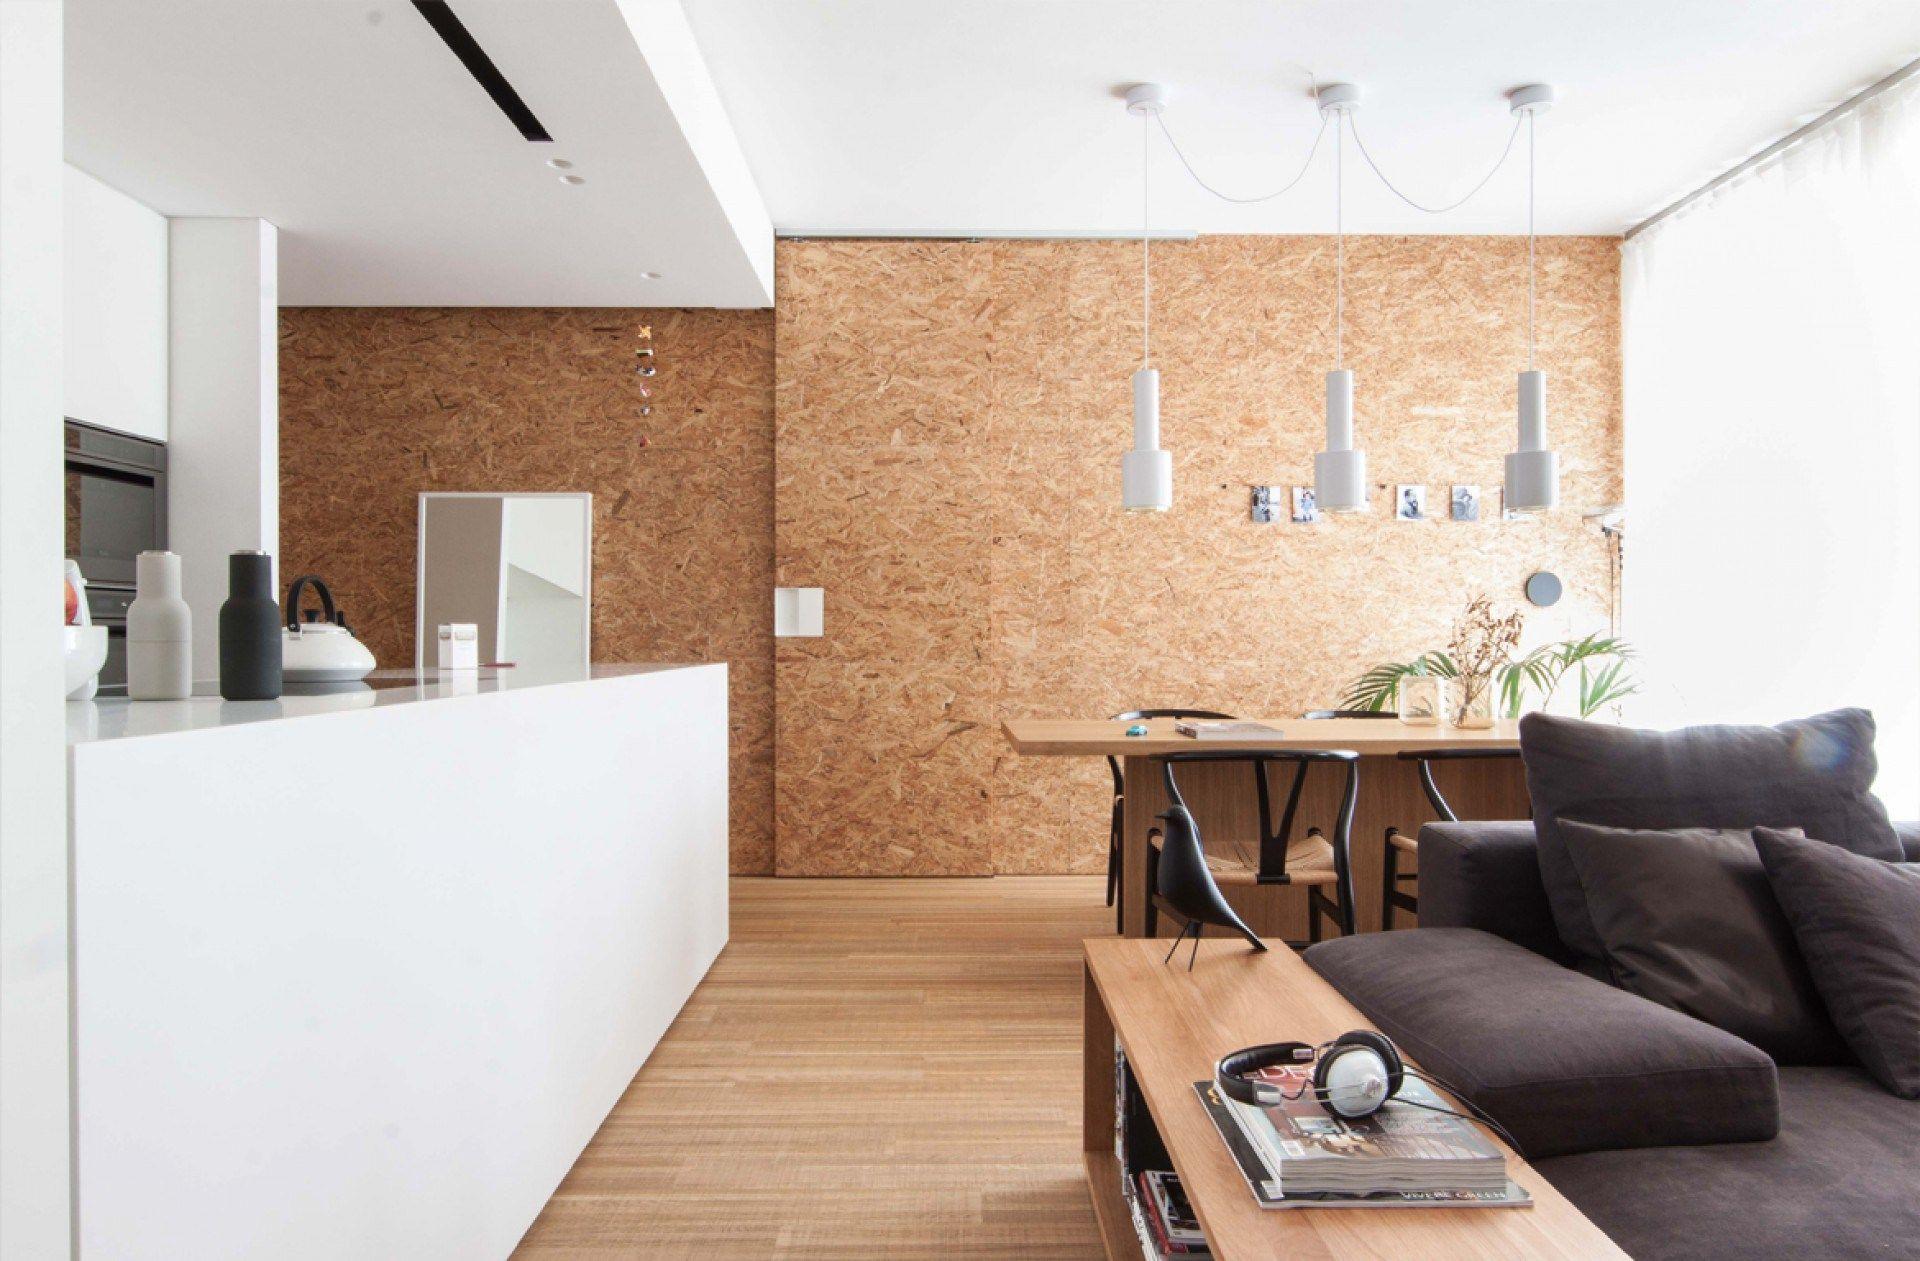 Italian Interiors Minimalist Cozy And Interiors Rh Pinterest Com Au  Fireplaces Interior Design Blogs DIY Interior Design Blog